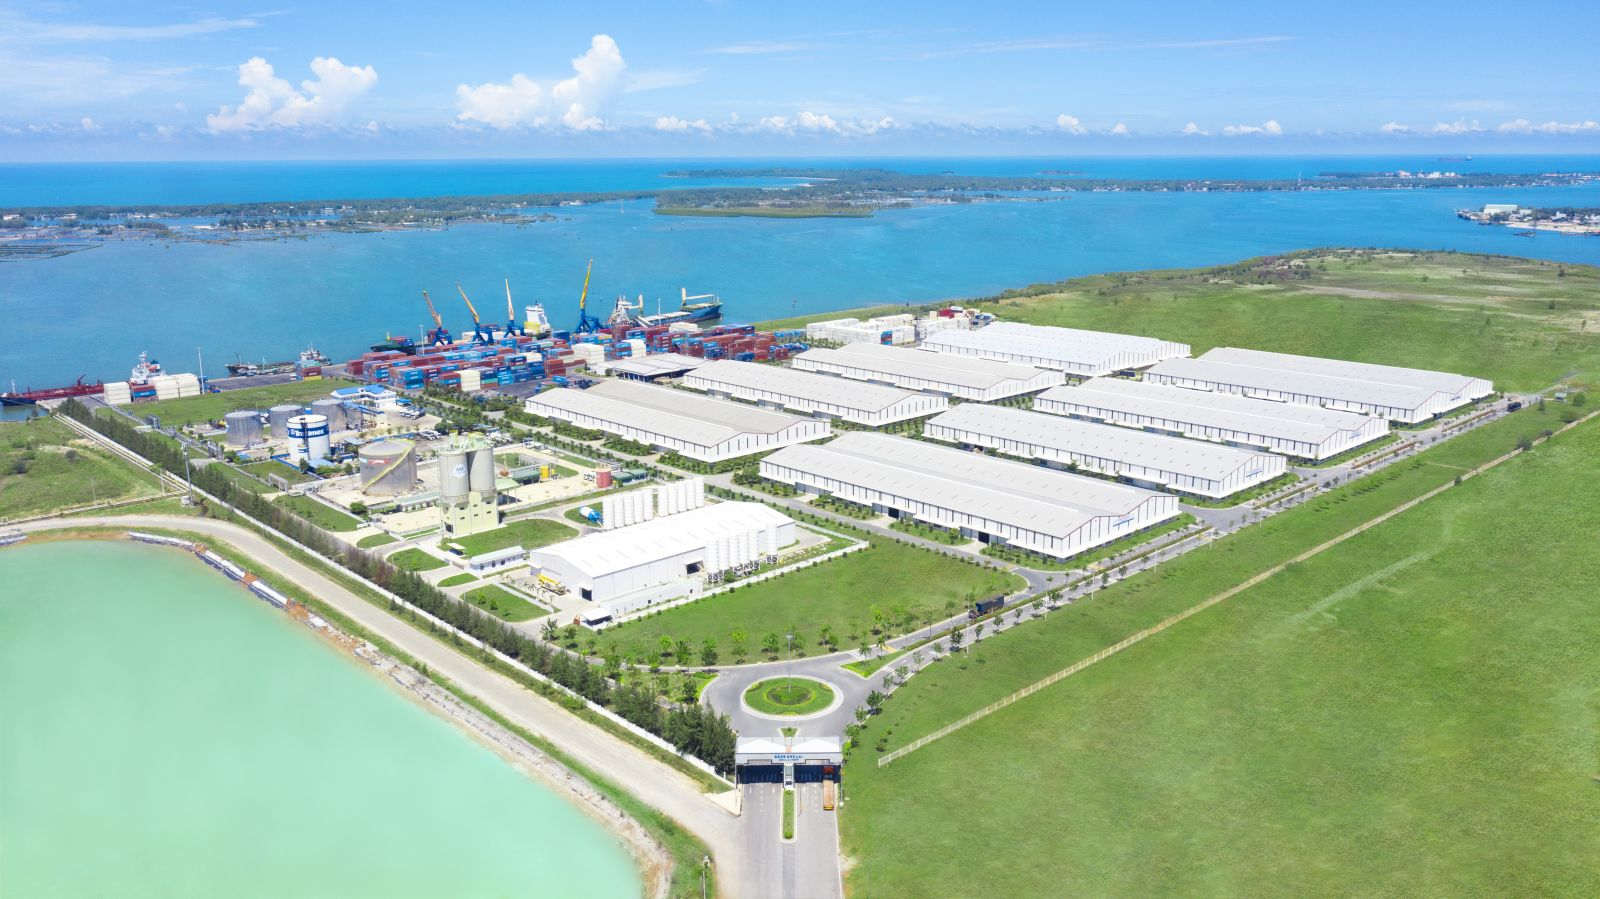 Cảng Chu Lai được đưa vào hoạt động vào tháng 5/2012, diện tích 140ha, công suất 4 triệu tấn/năm